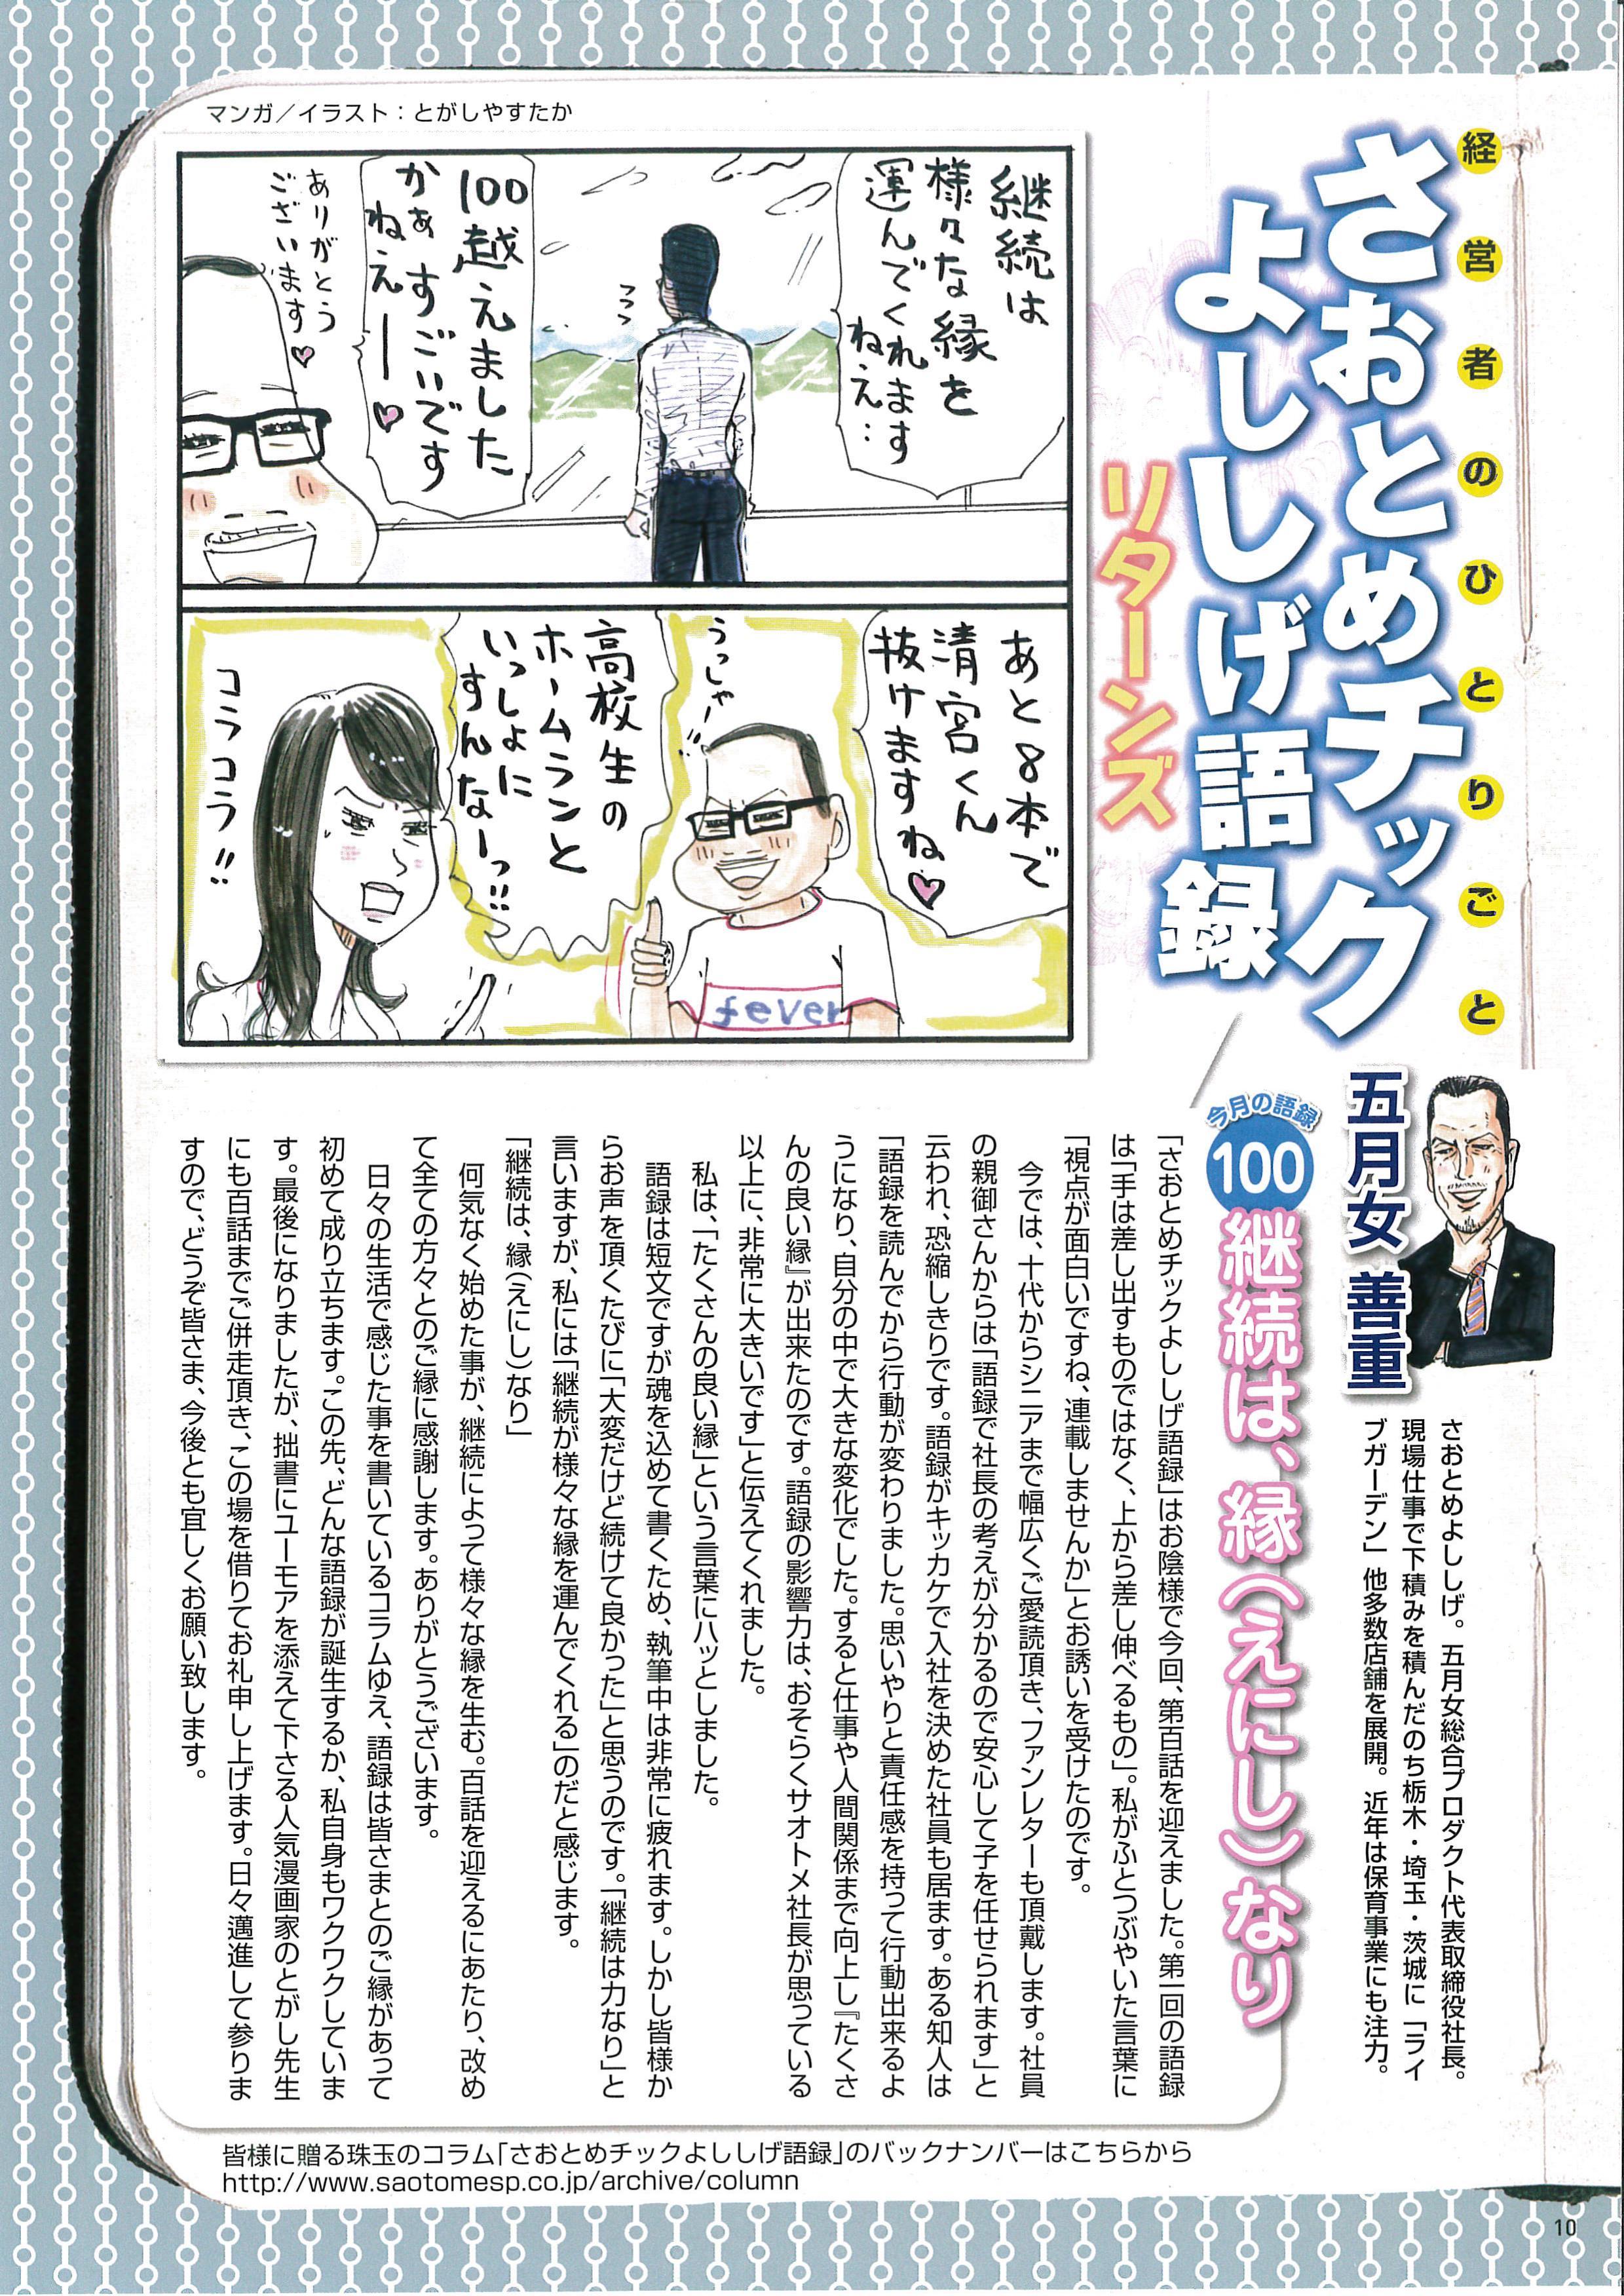 2017年9月号(第100回)「継続は、縁(えにし)なり」